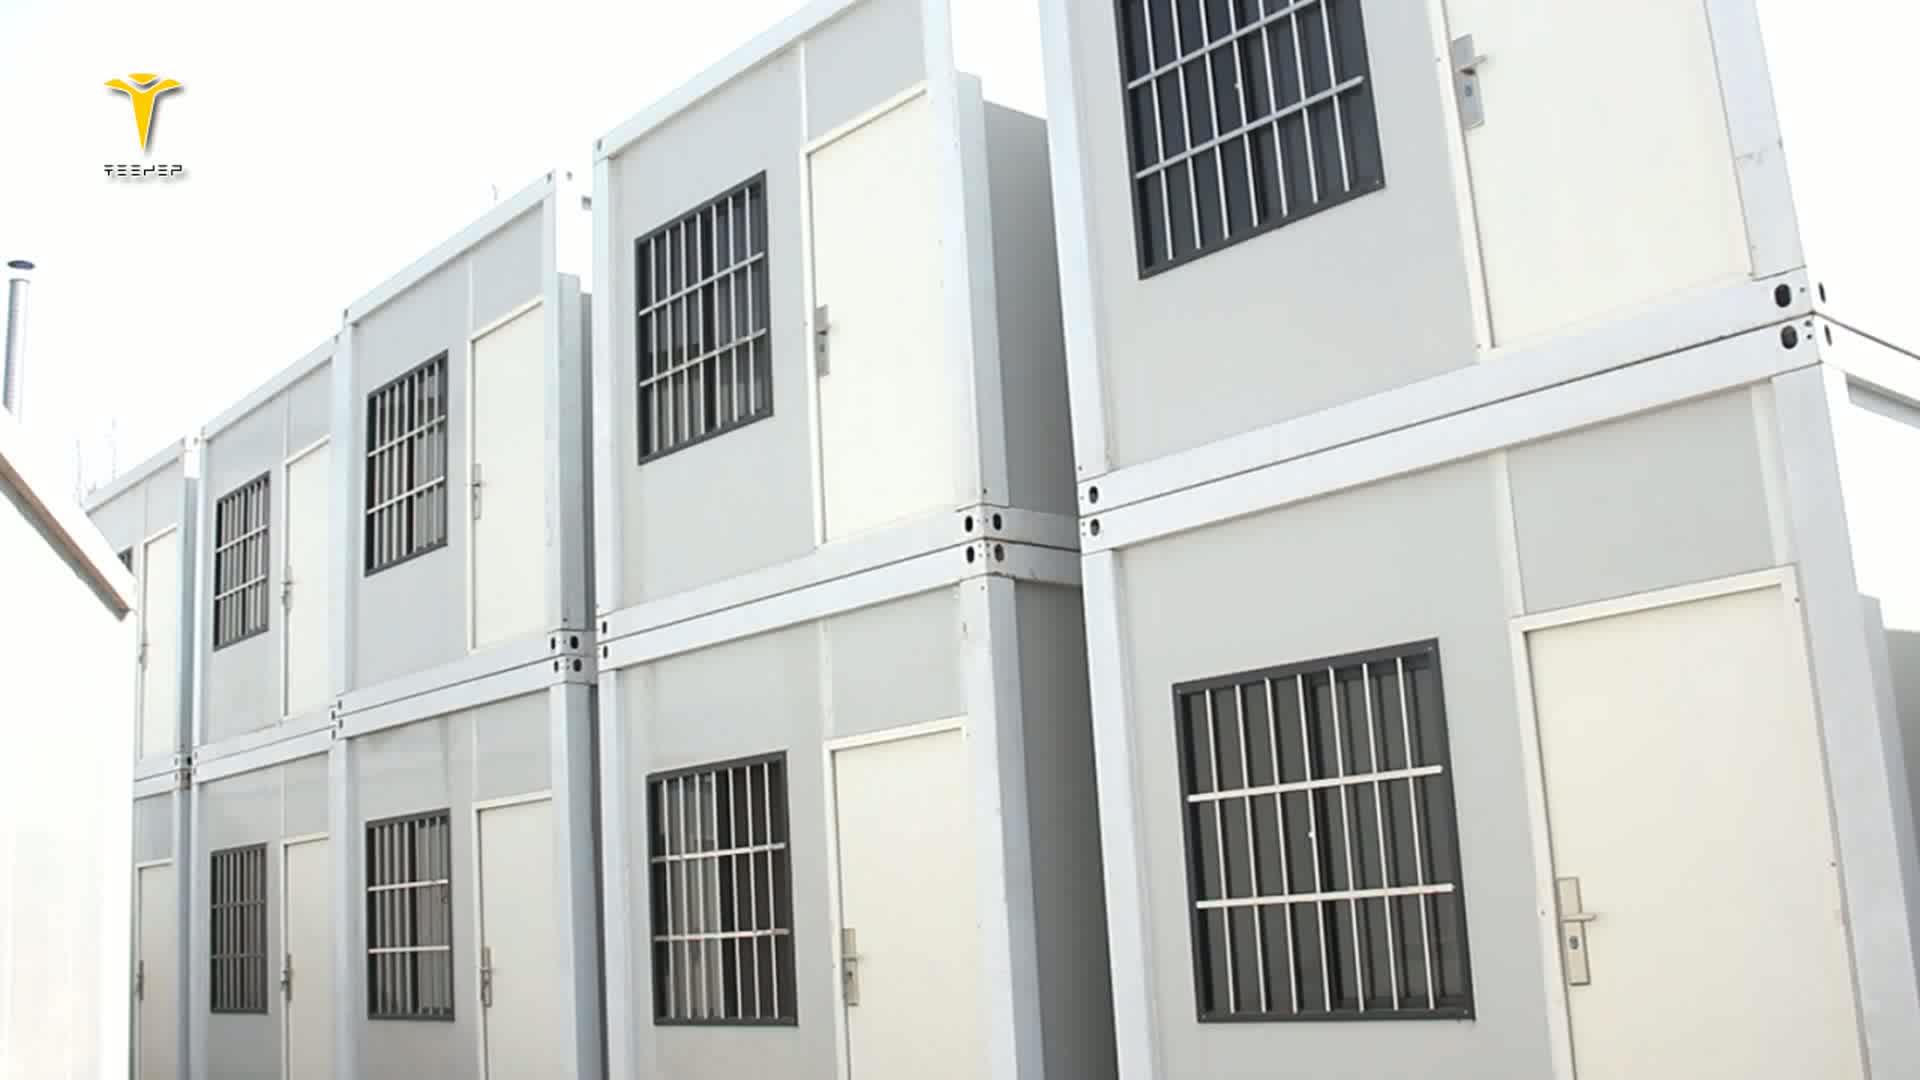 Niedrigen Kosten Hotel Gebäude grundriss 20ft container häuser für verkauf moderne container häuser fertig container shop